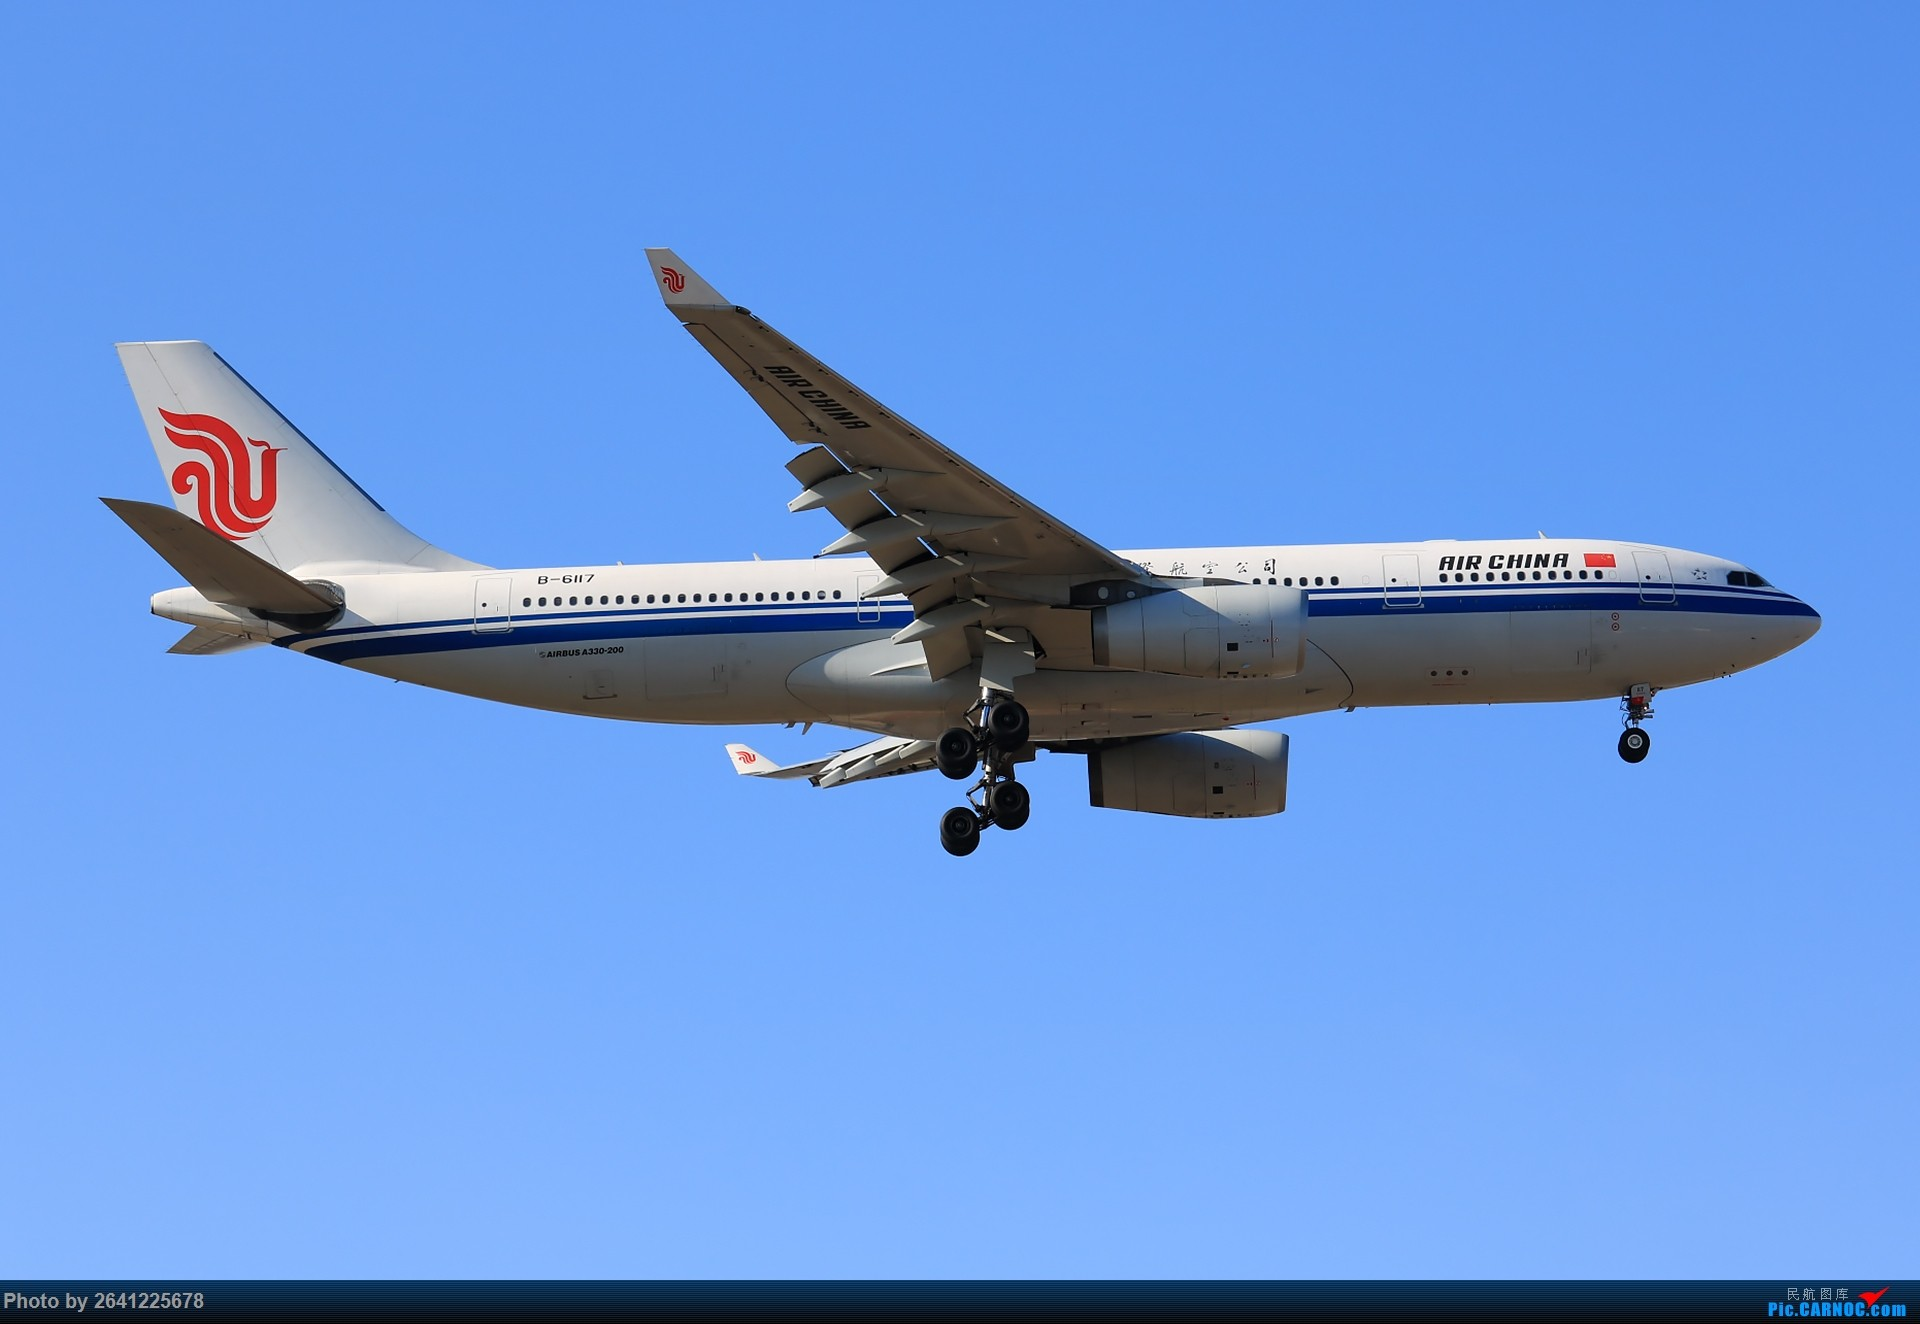 Re:[原创]【PEK】六七级北风吹走了雾霾,吹不走拍机的热情!1800*1200/1920*1280一组 图片略多,慢慢发 AIRBUS A330-200 B-6117 中国北京首都国际机场